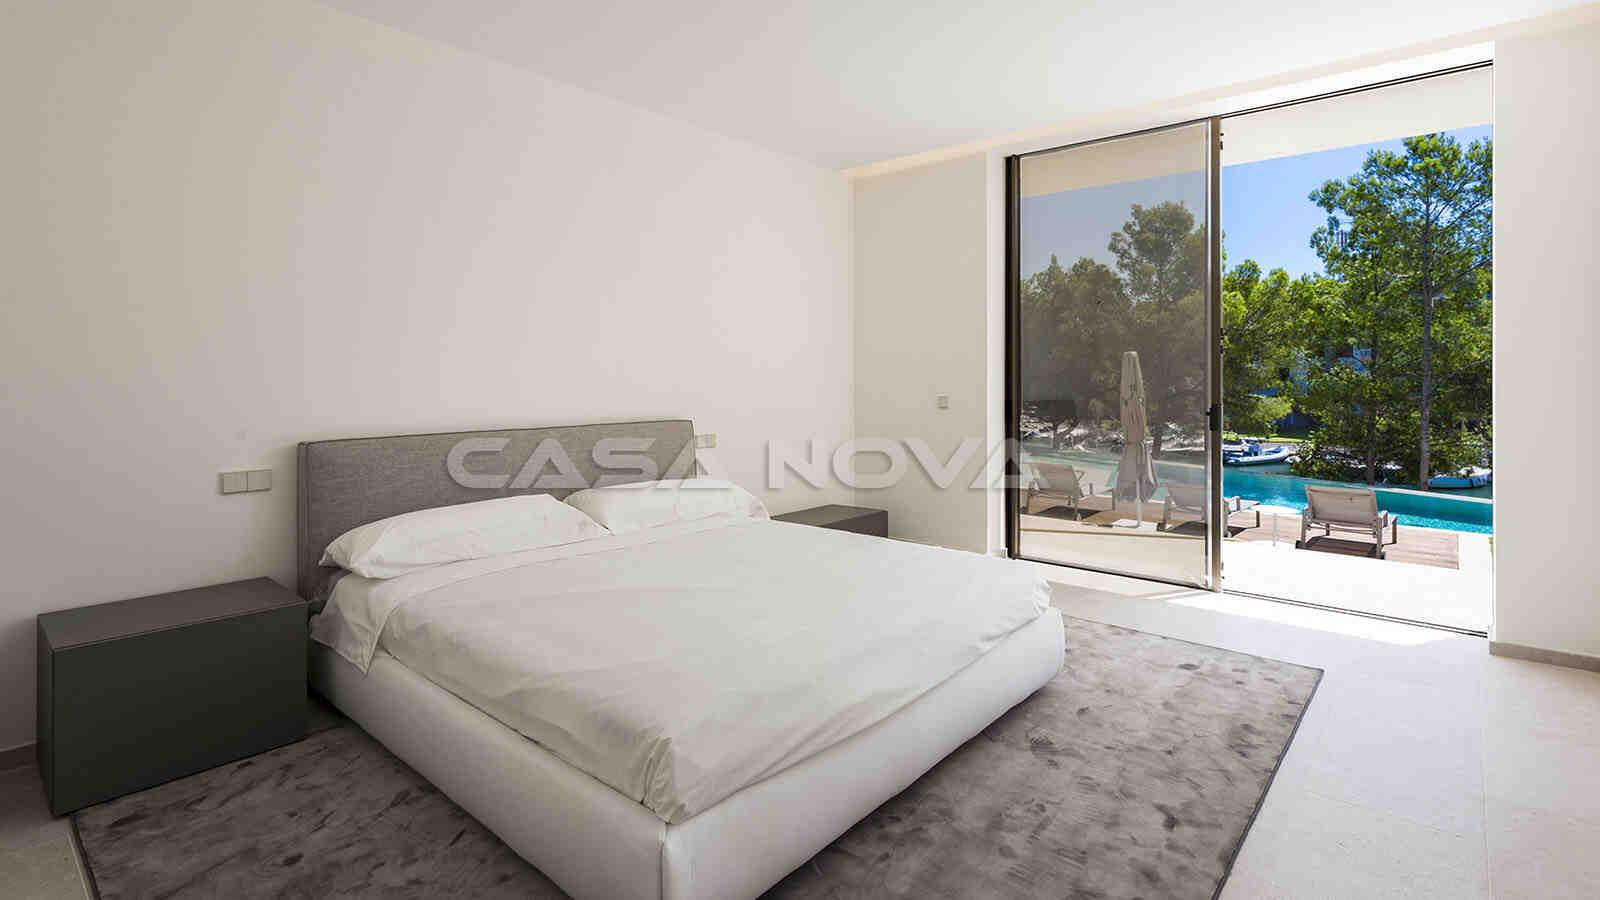 Erstklassiges Doppelschlafzimmer mit Terrassenzugang